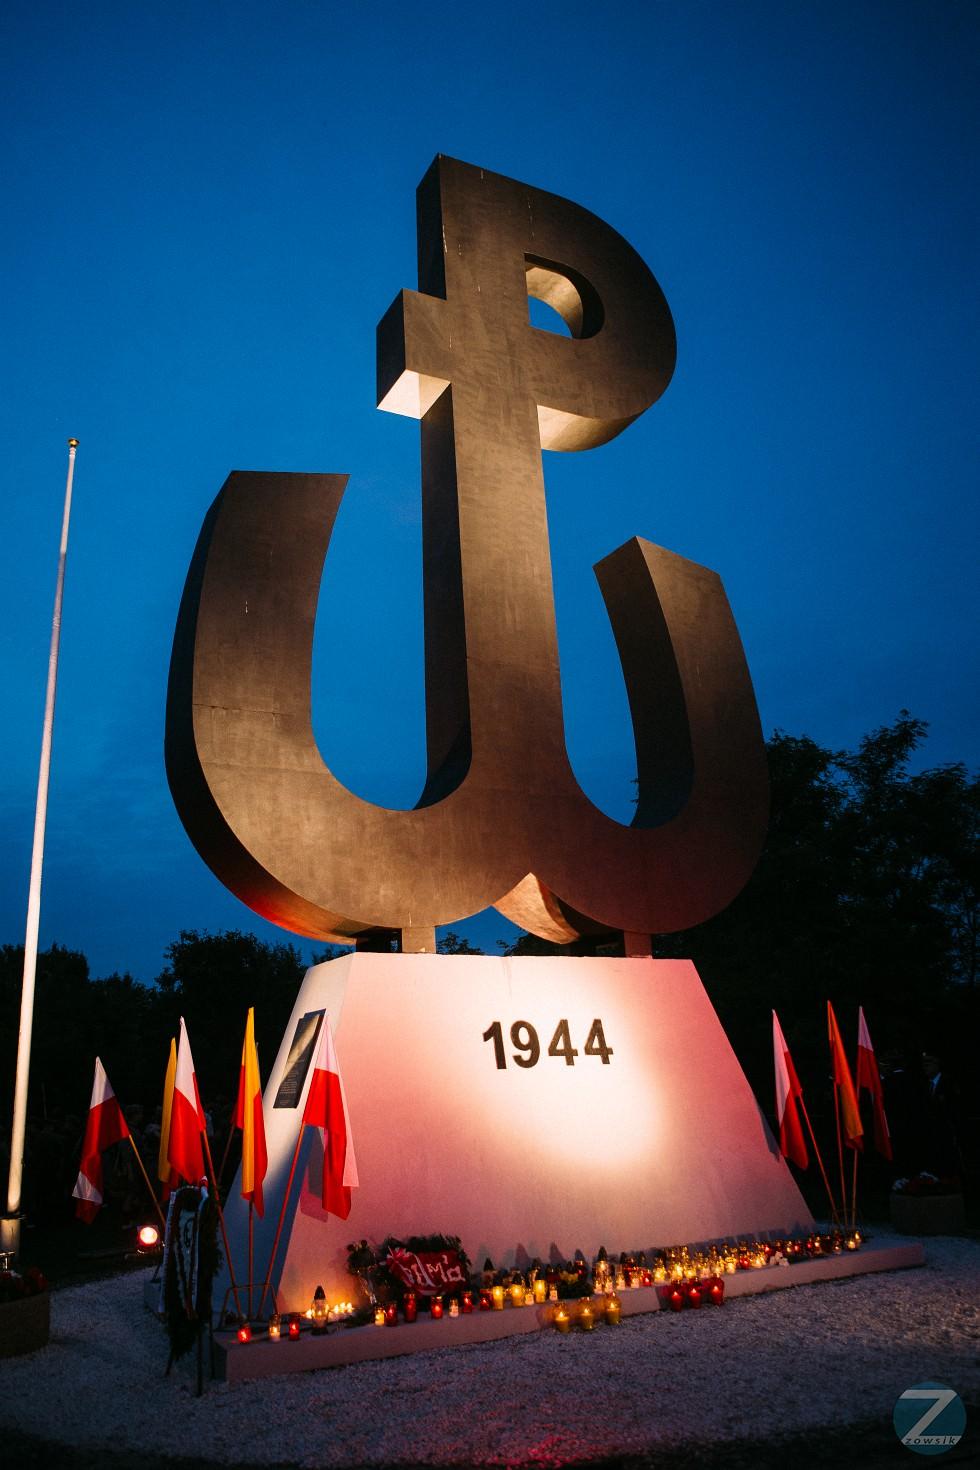 powstanie-warszawskie-70-rocznica-IMG_2670